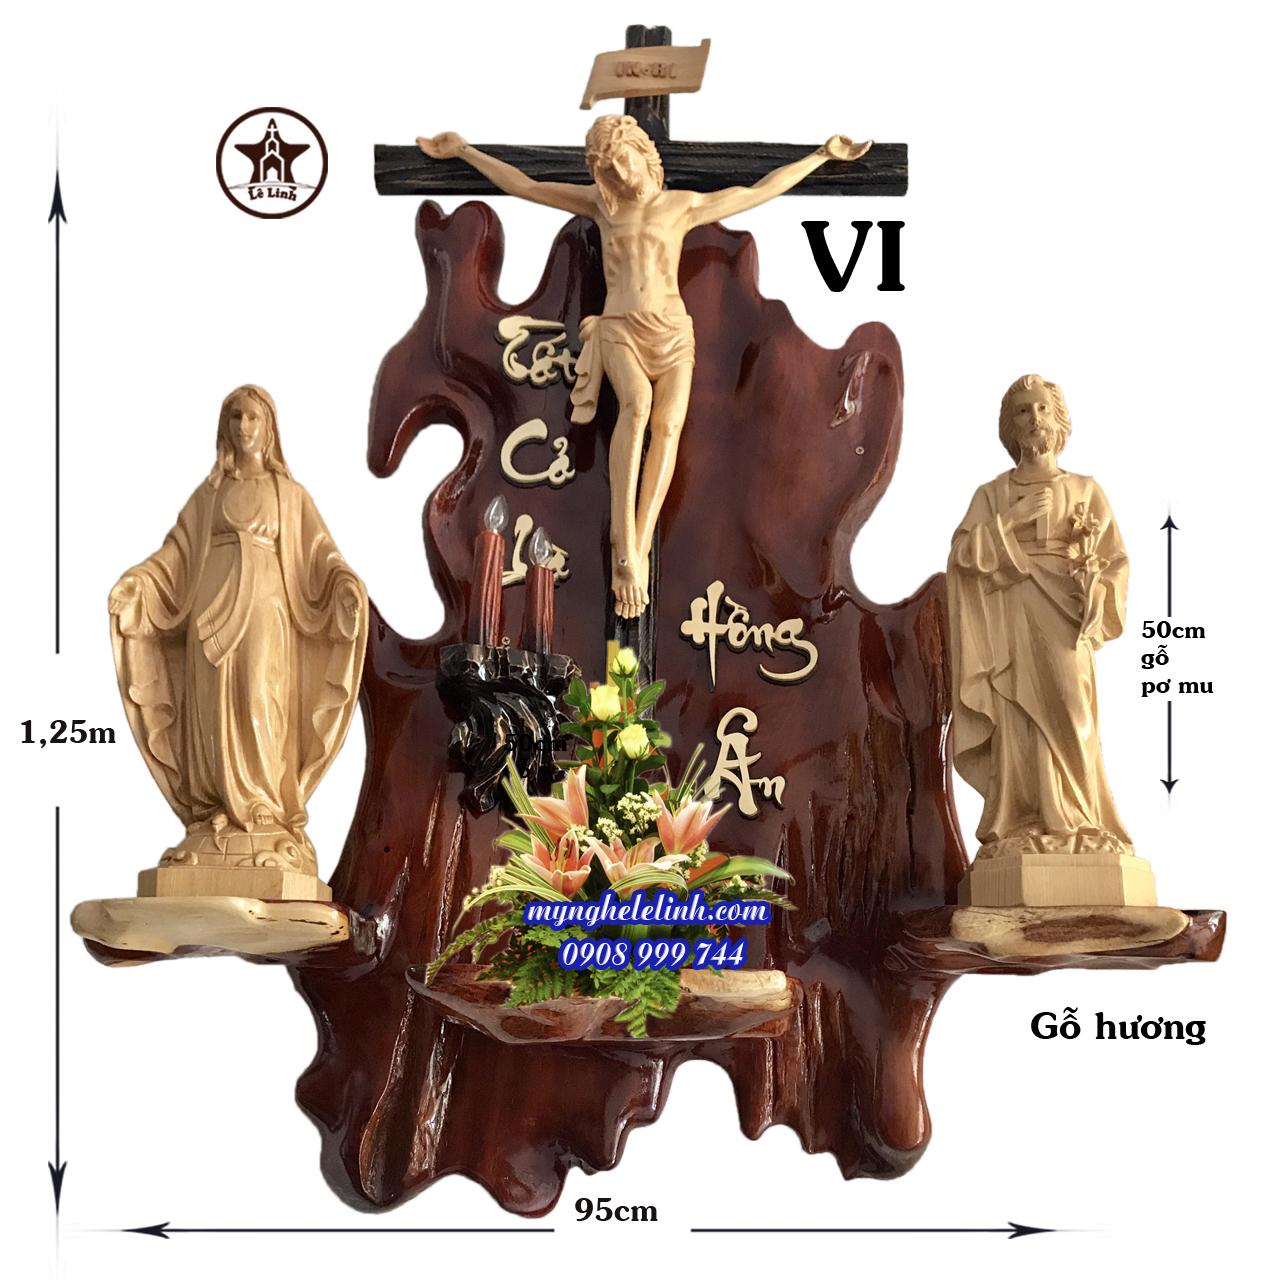 Bàn thờ Công Giáo LL-P5.07